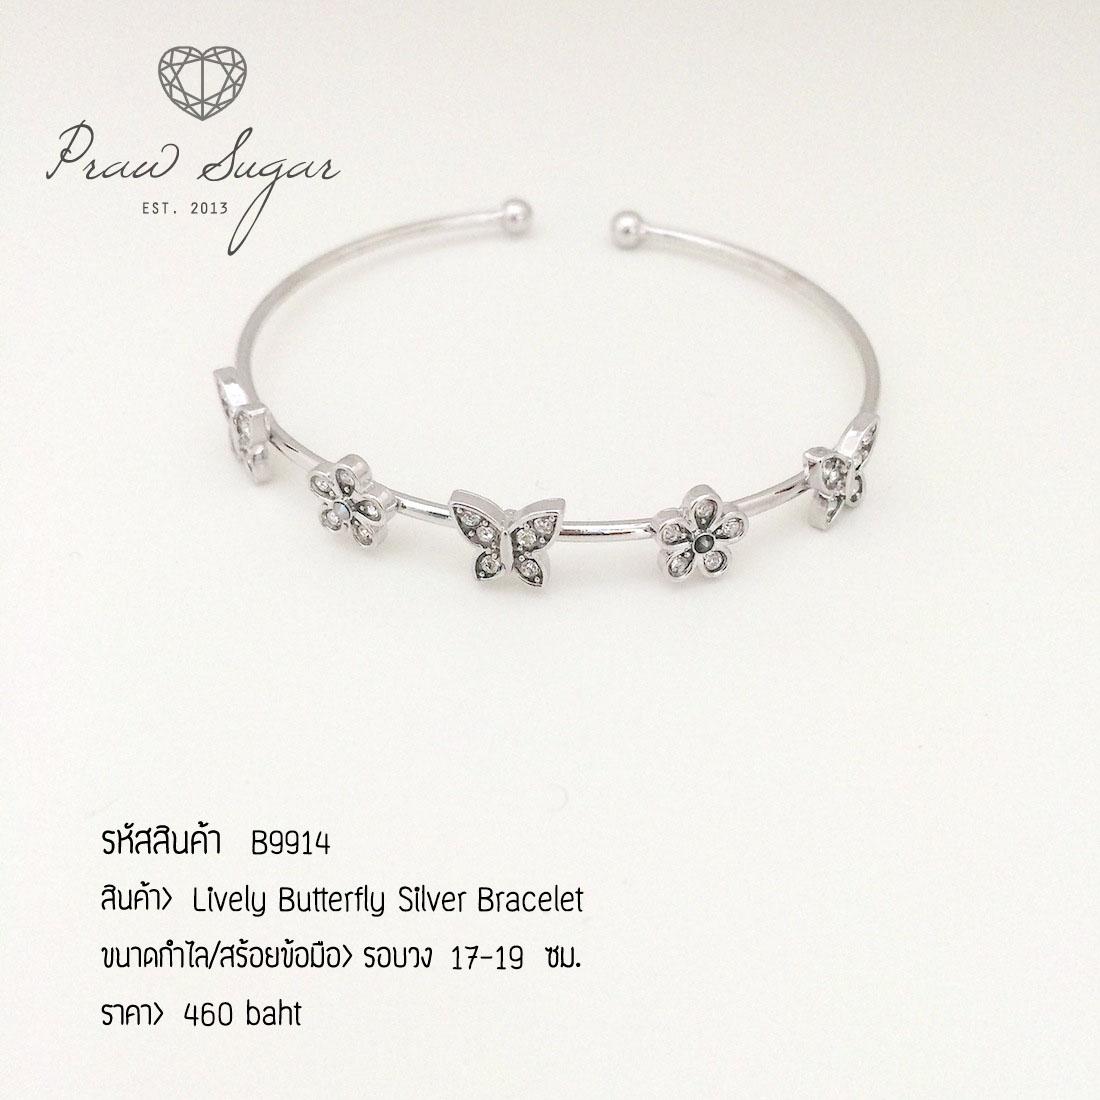 Lively Butterfly Silver Bracelet